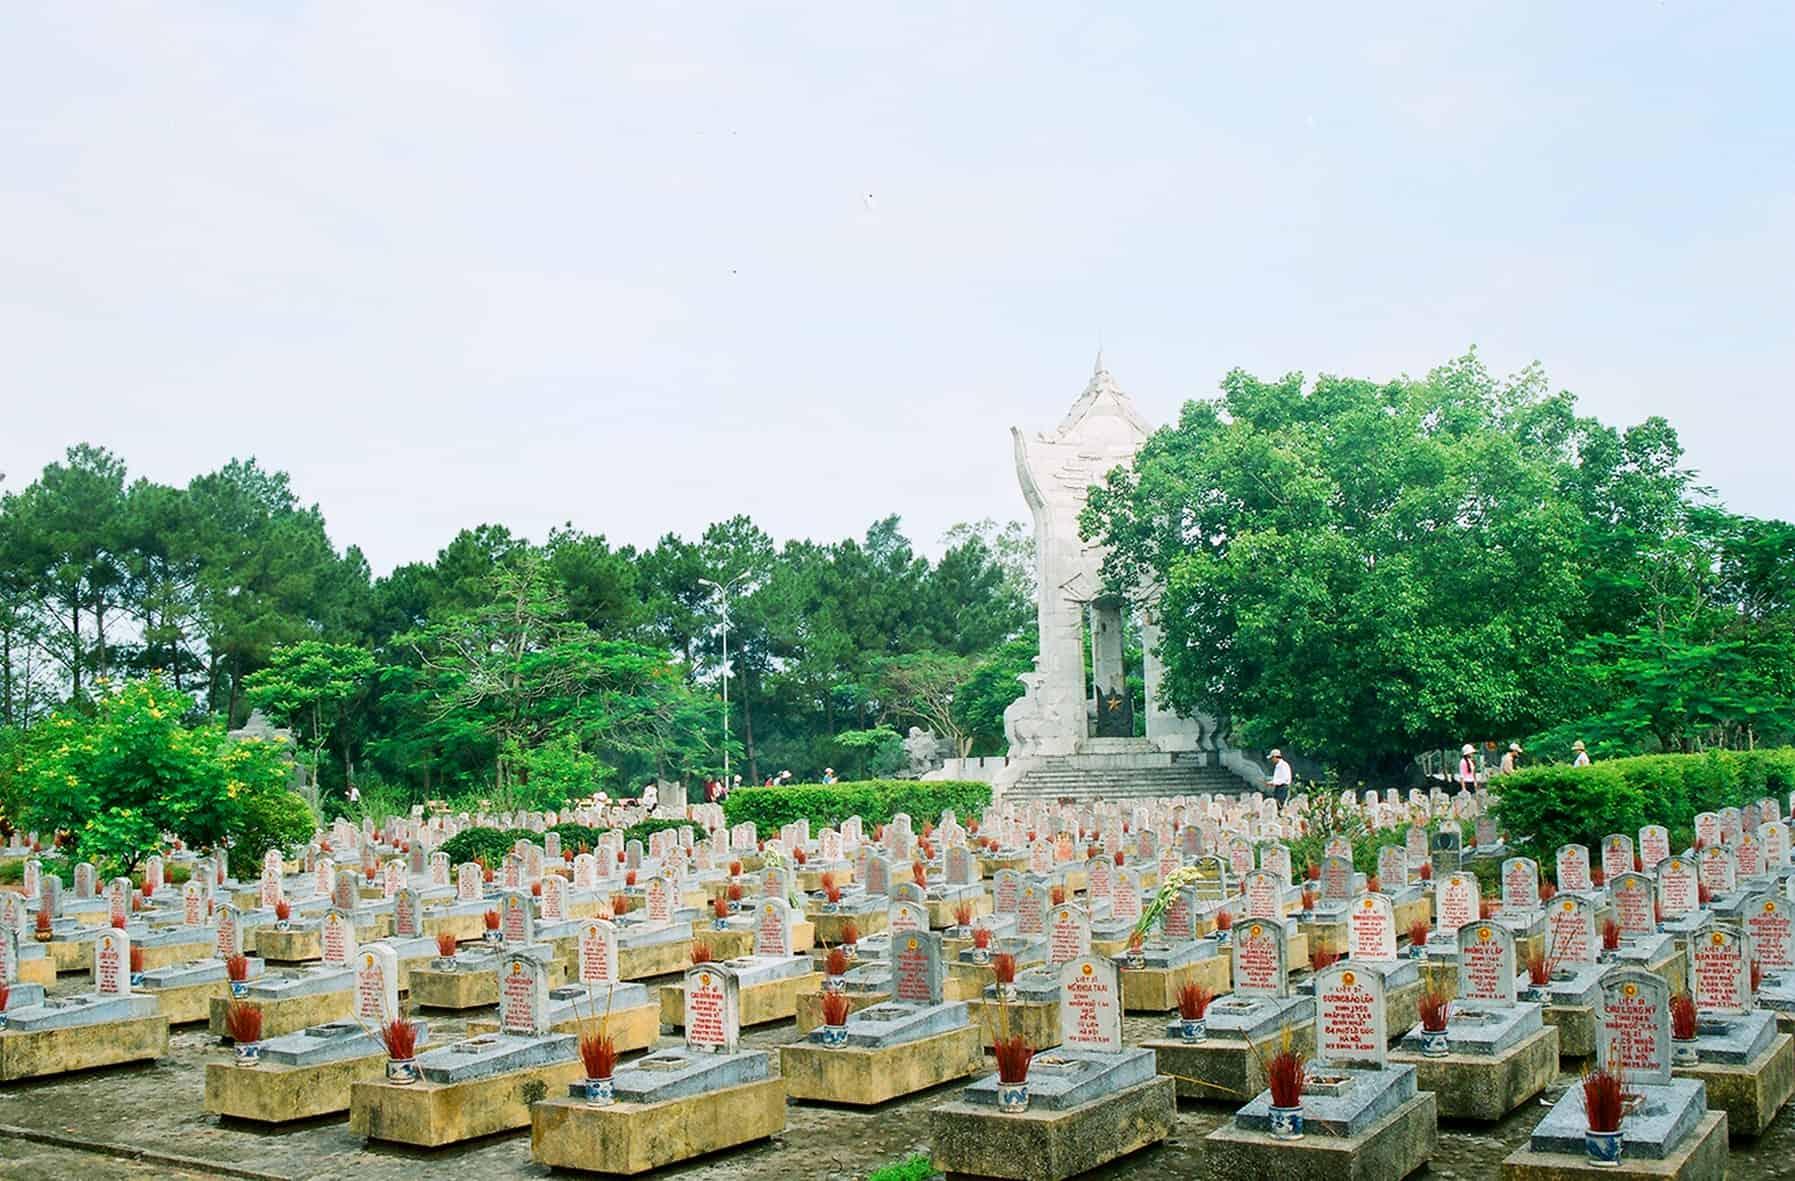 Nghĩa trang liệt sĩ Trường Sơn - địa điểm du lịch Quảng Trị